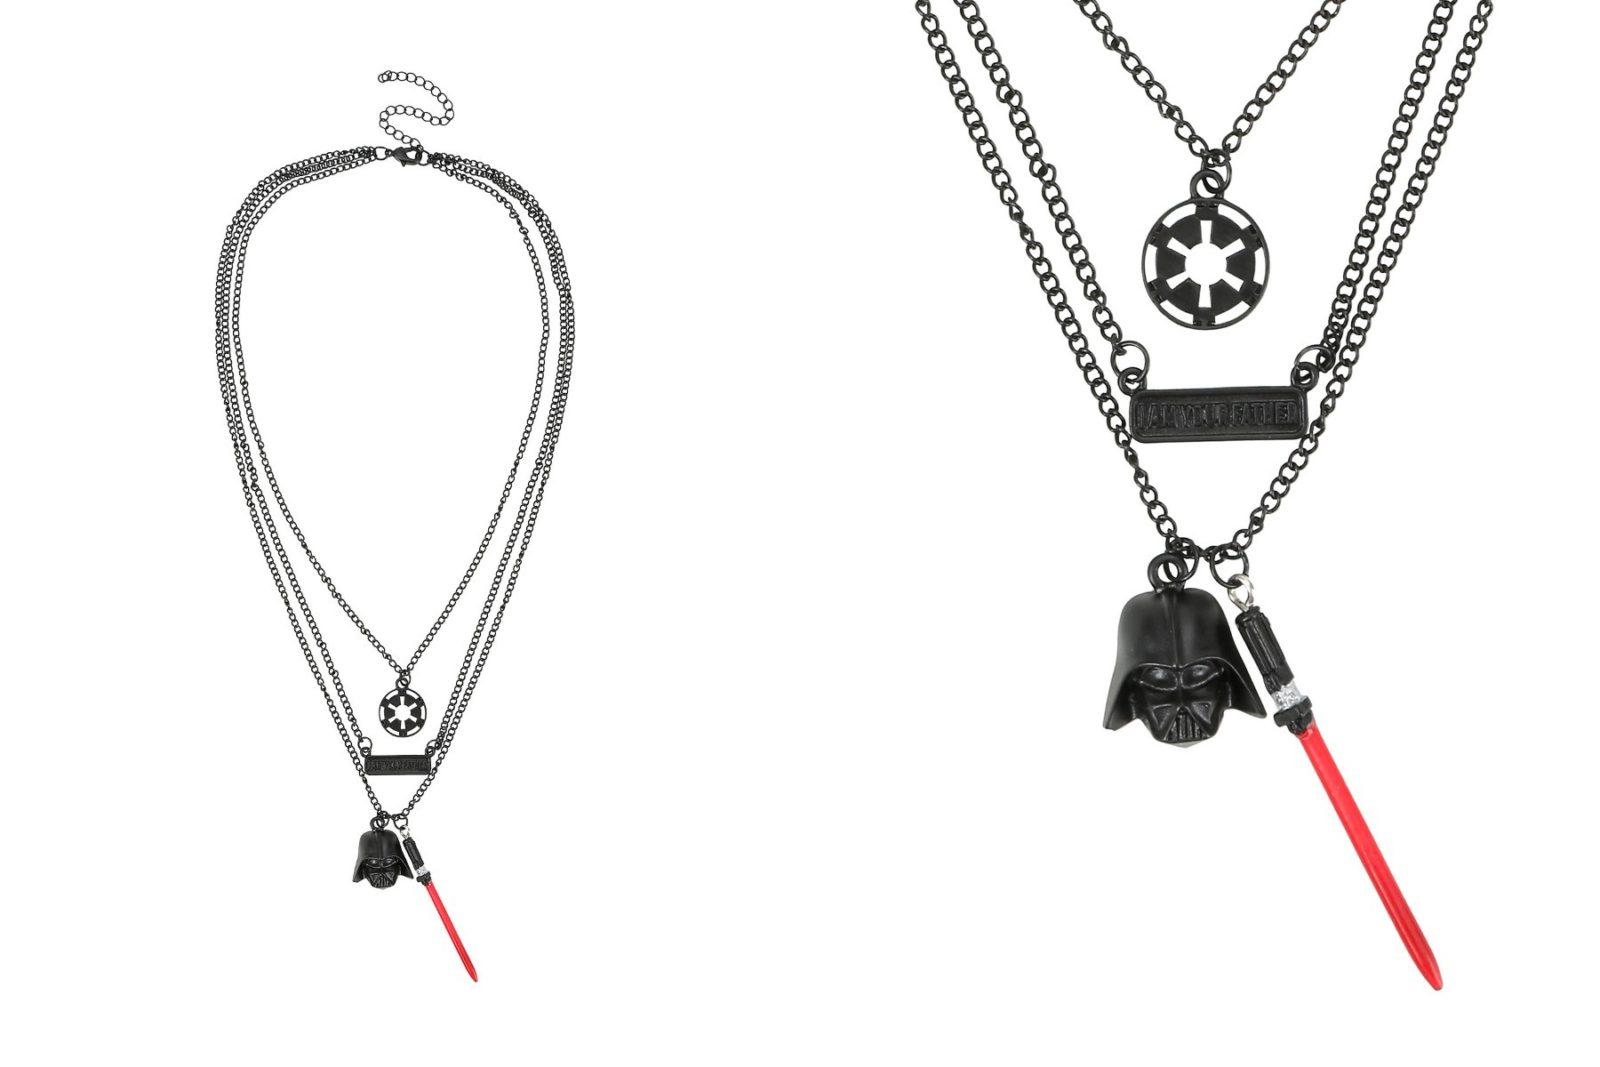 Darth Vader layered necklace at Hot Topic